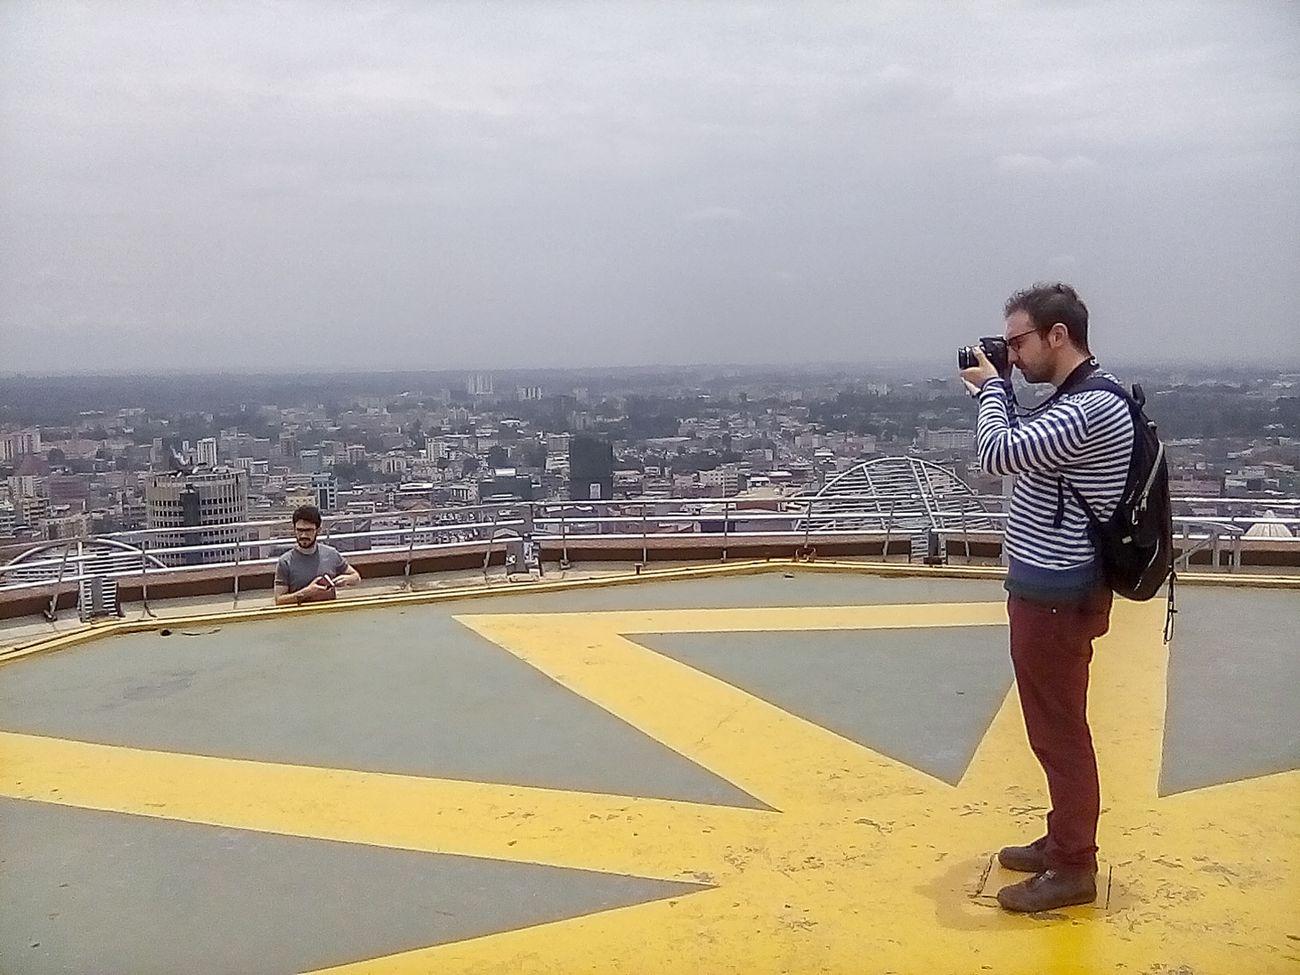 Uno scatto del viaggio di Danilo Deninotti, Giorgio Fontana a Lucio Ruvidotti a Nairobi